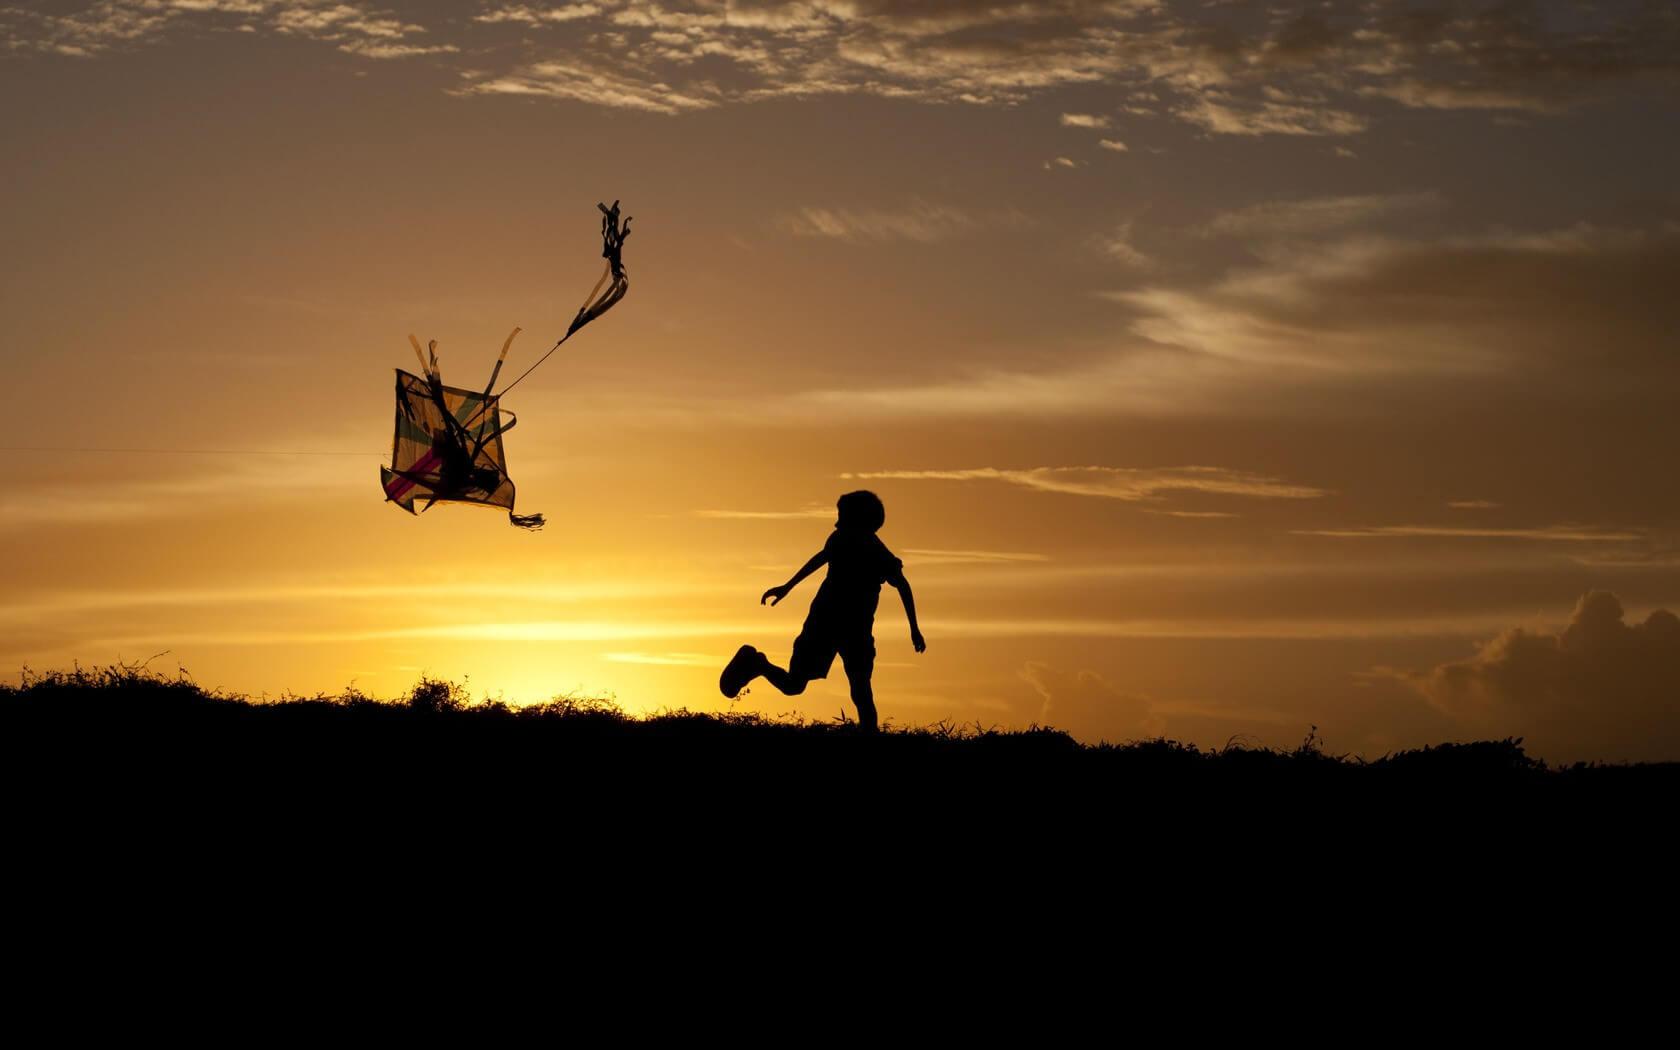 Volar una cometa puede ayudar a tu hijo a sentirse libre